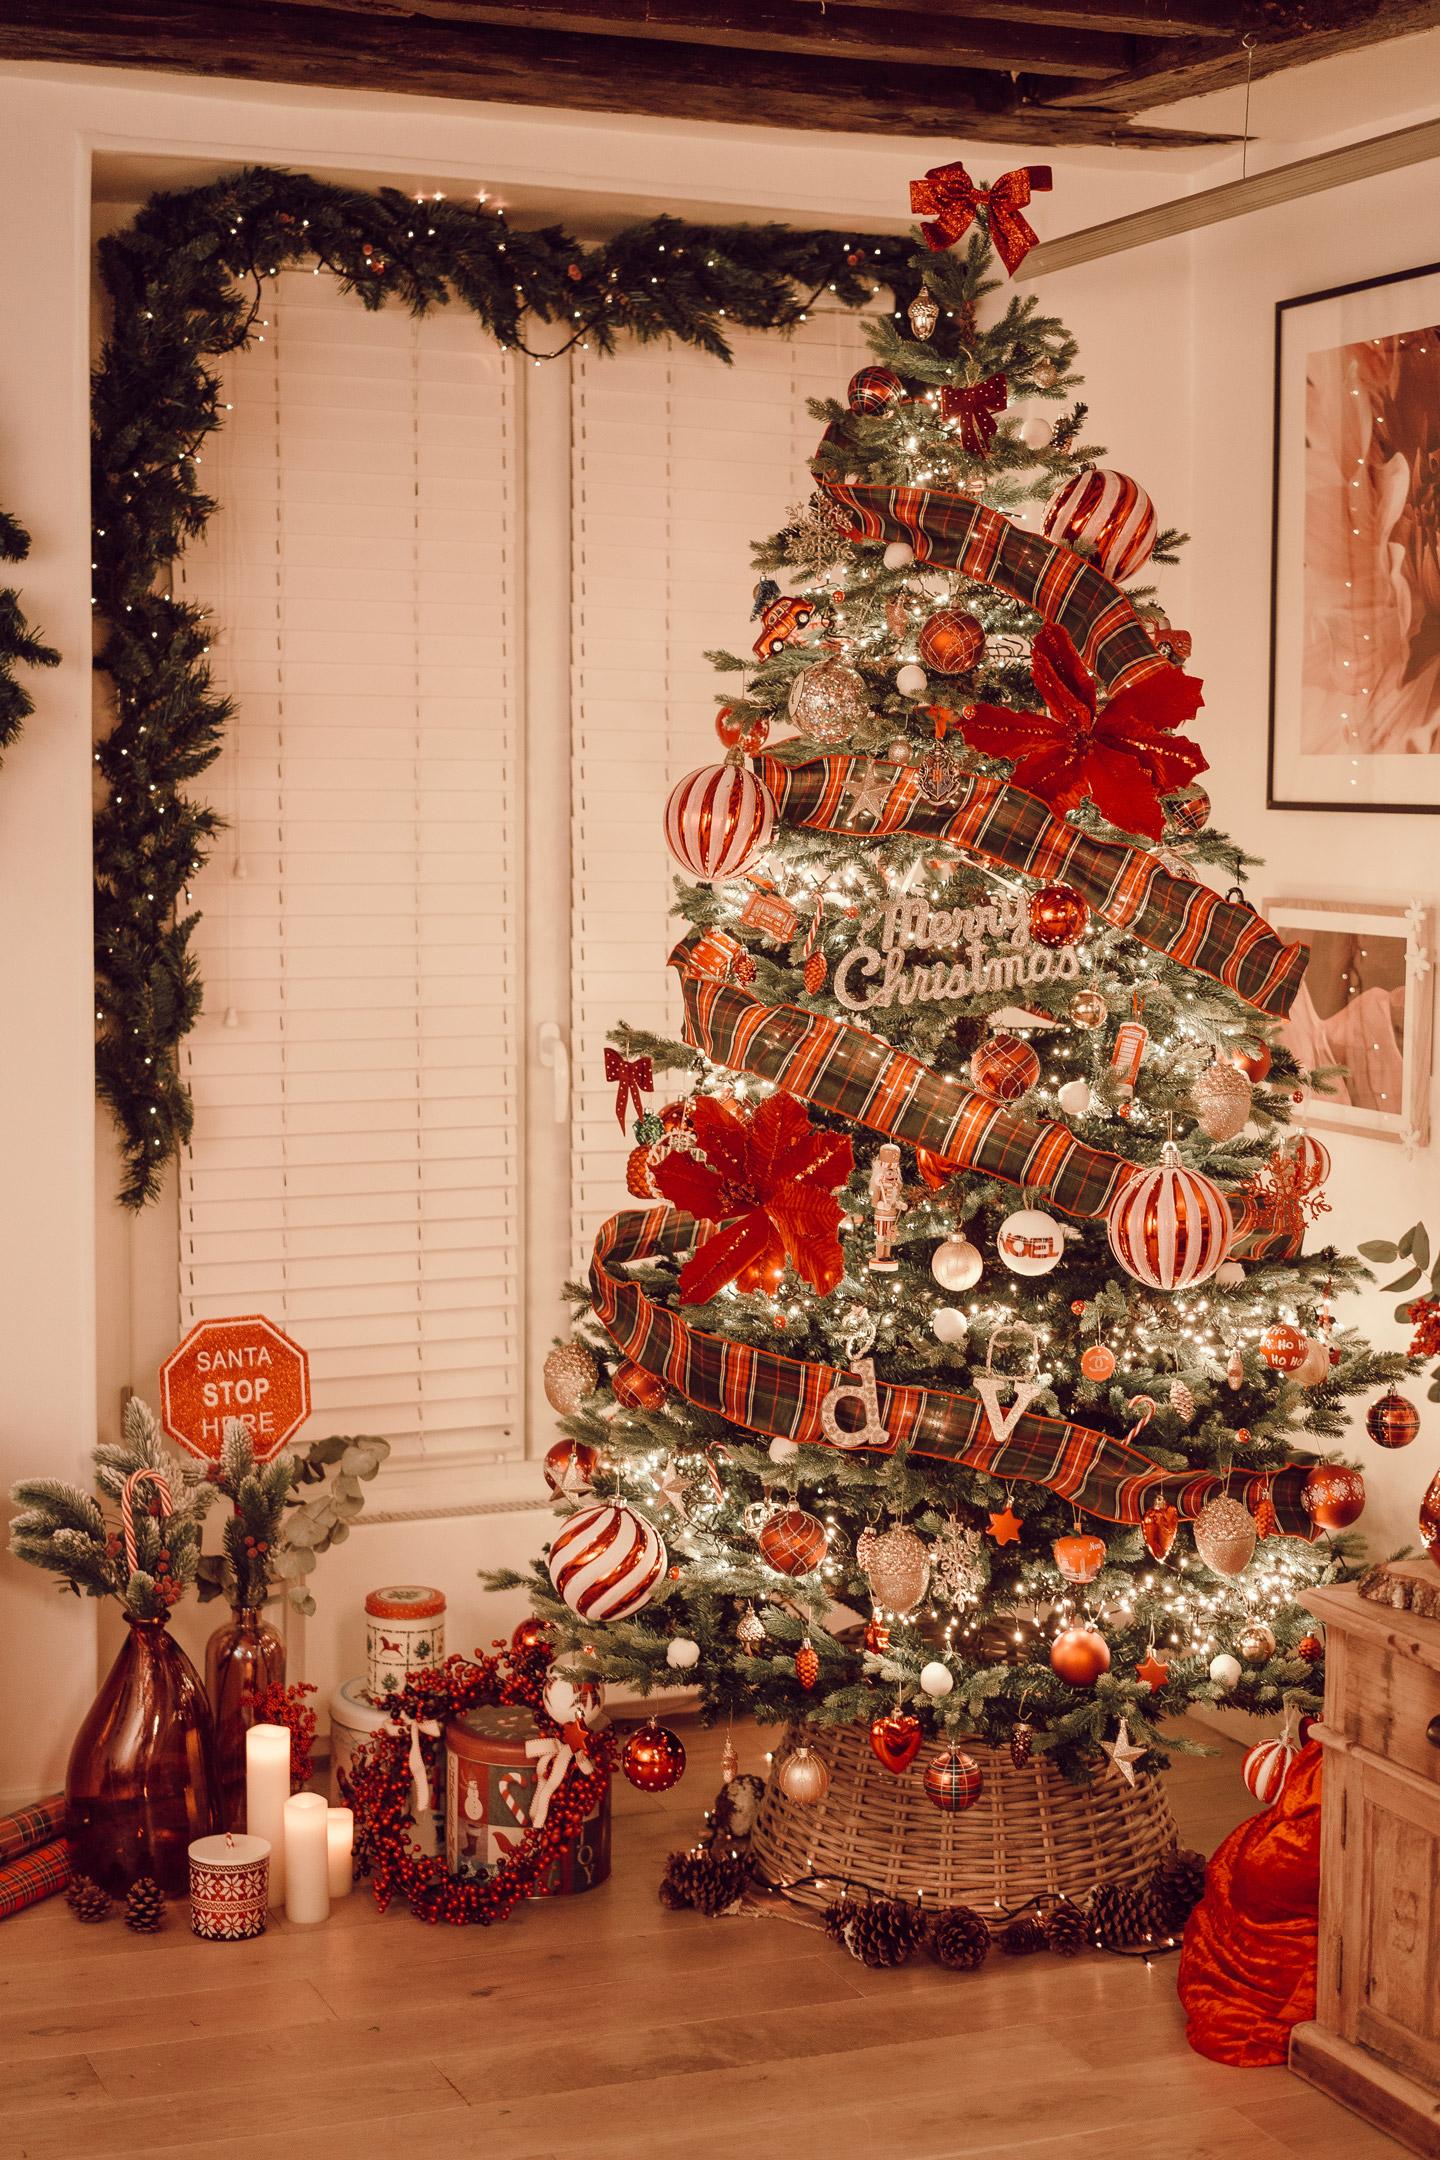 Sapin De Noel Decoration Traditionnelle mes astuces pour créer un sapin de noël digne d'un film